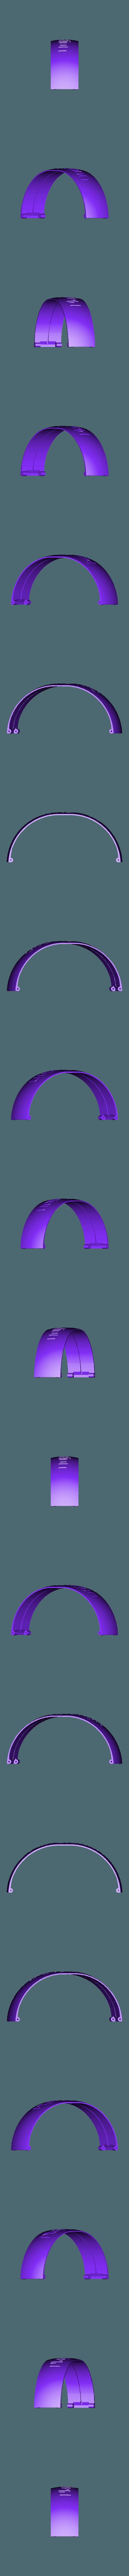 Playstation_Gold_Headband.stl Télécharger fichier STL gratuit Serre-tête de remplacement Sony Gold Wireless Heaset • Design pour imprimante 3D, Dsk